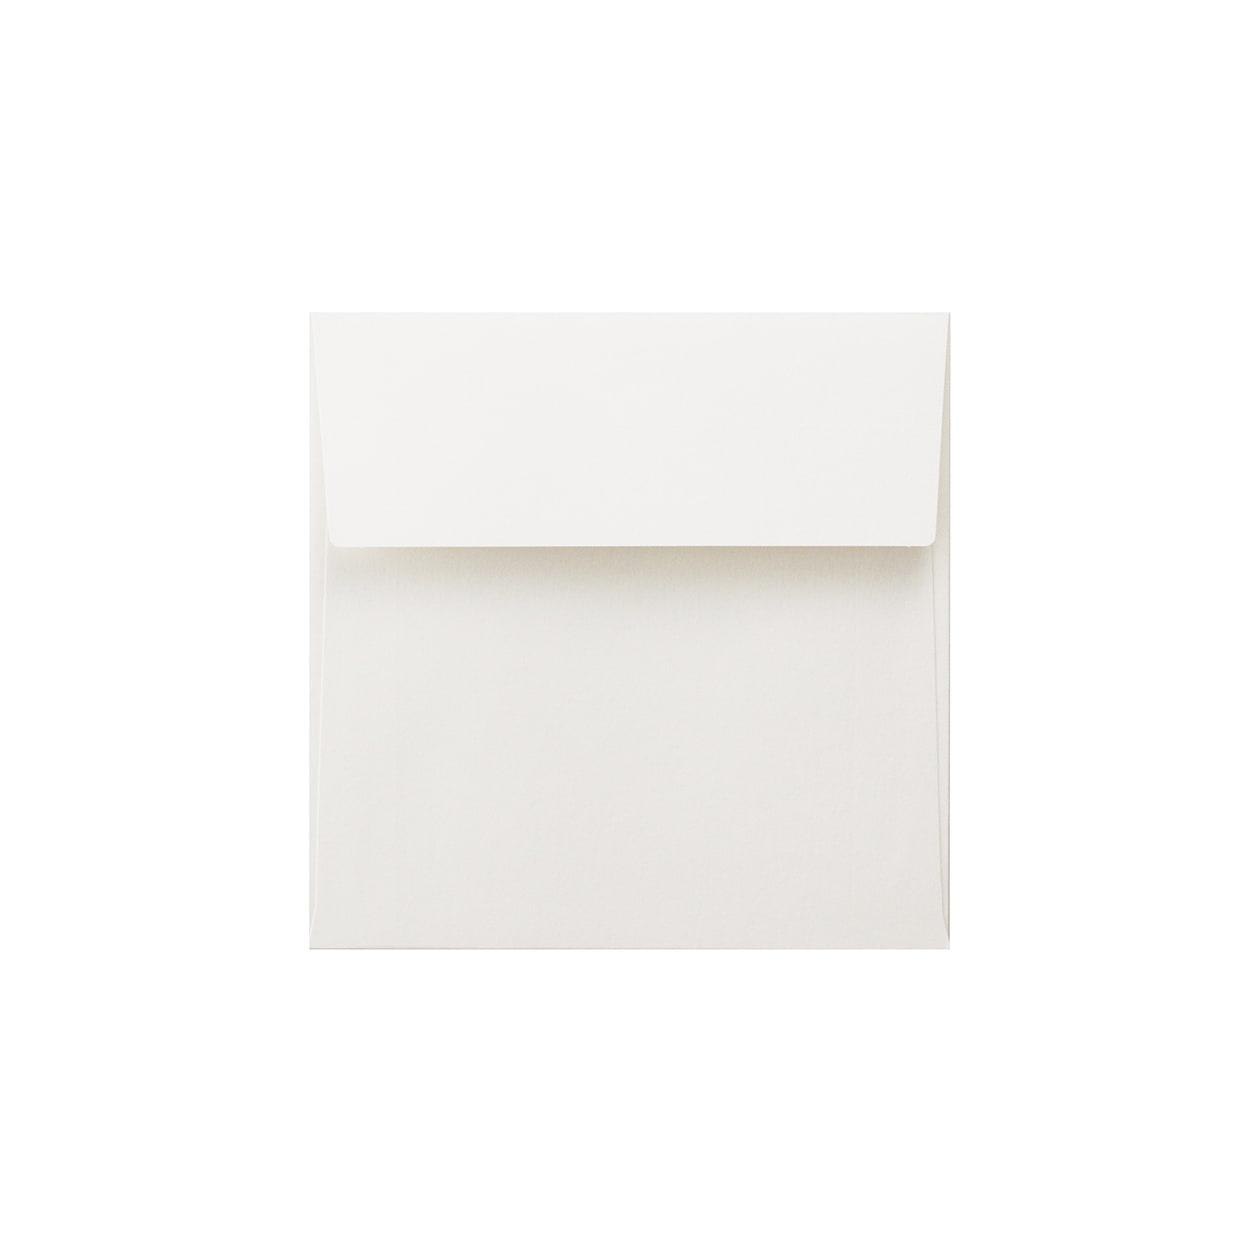 サンプル 封筒・袋 00091